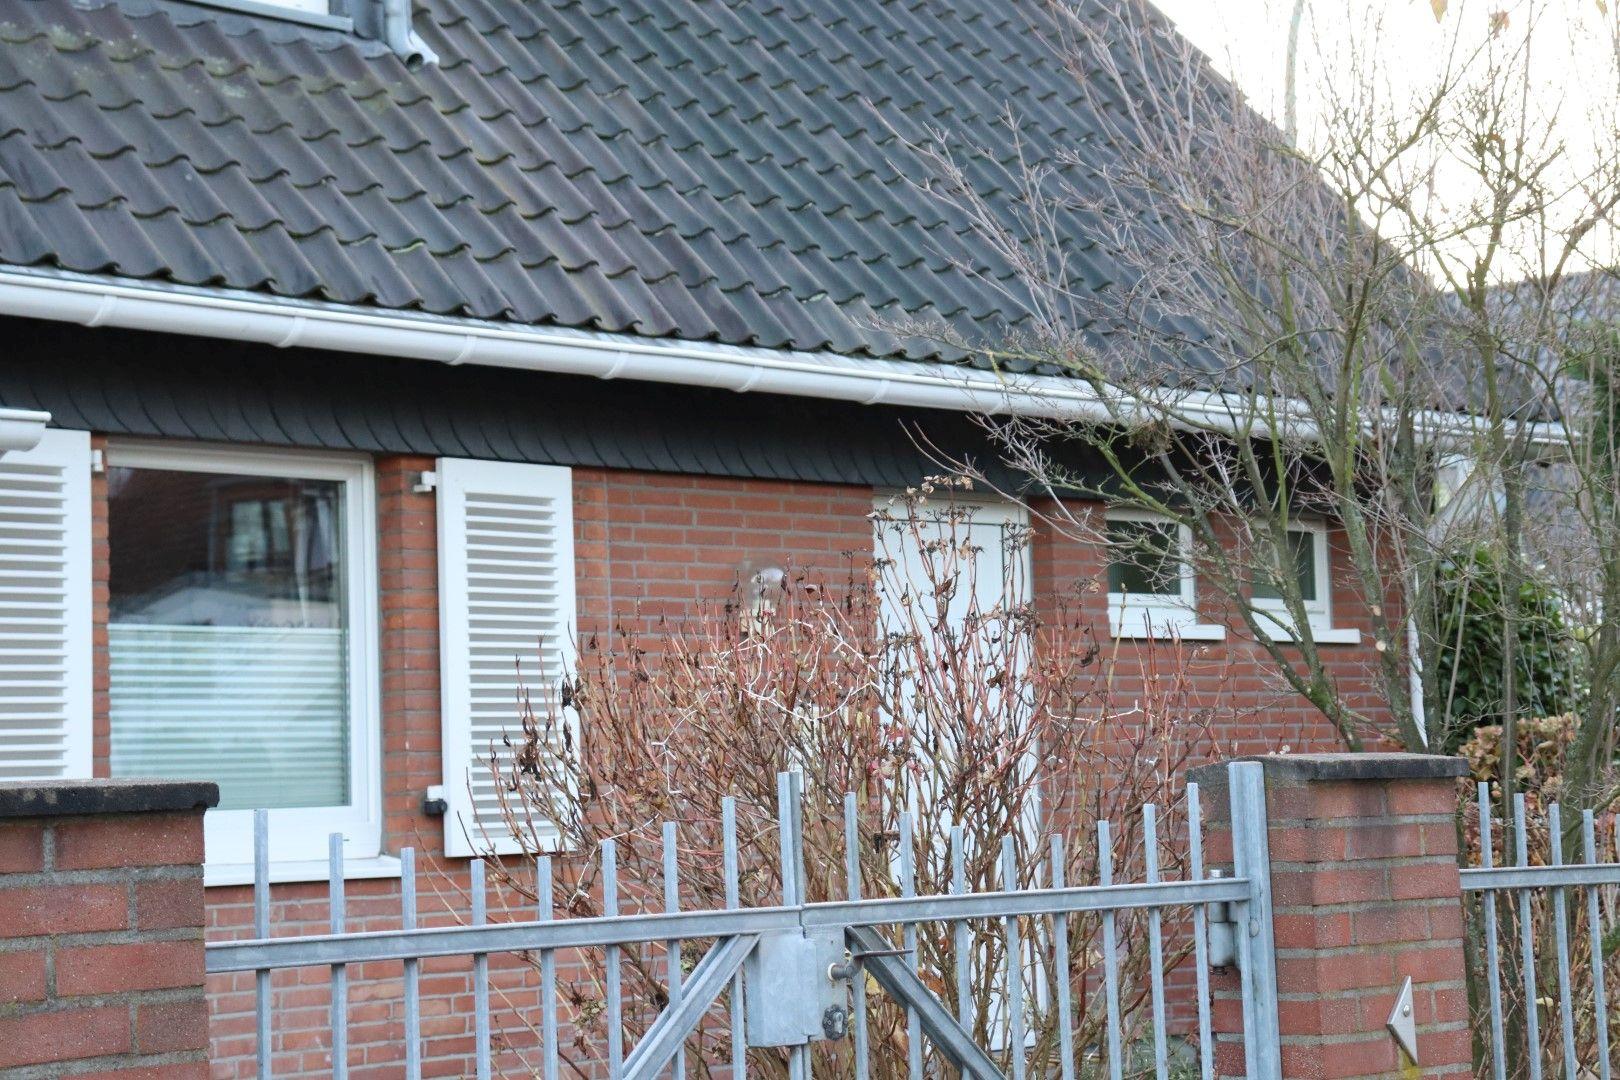 Immobilie Nr.0284 | Hohegrabenweg 57, 40667 Meerbusch